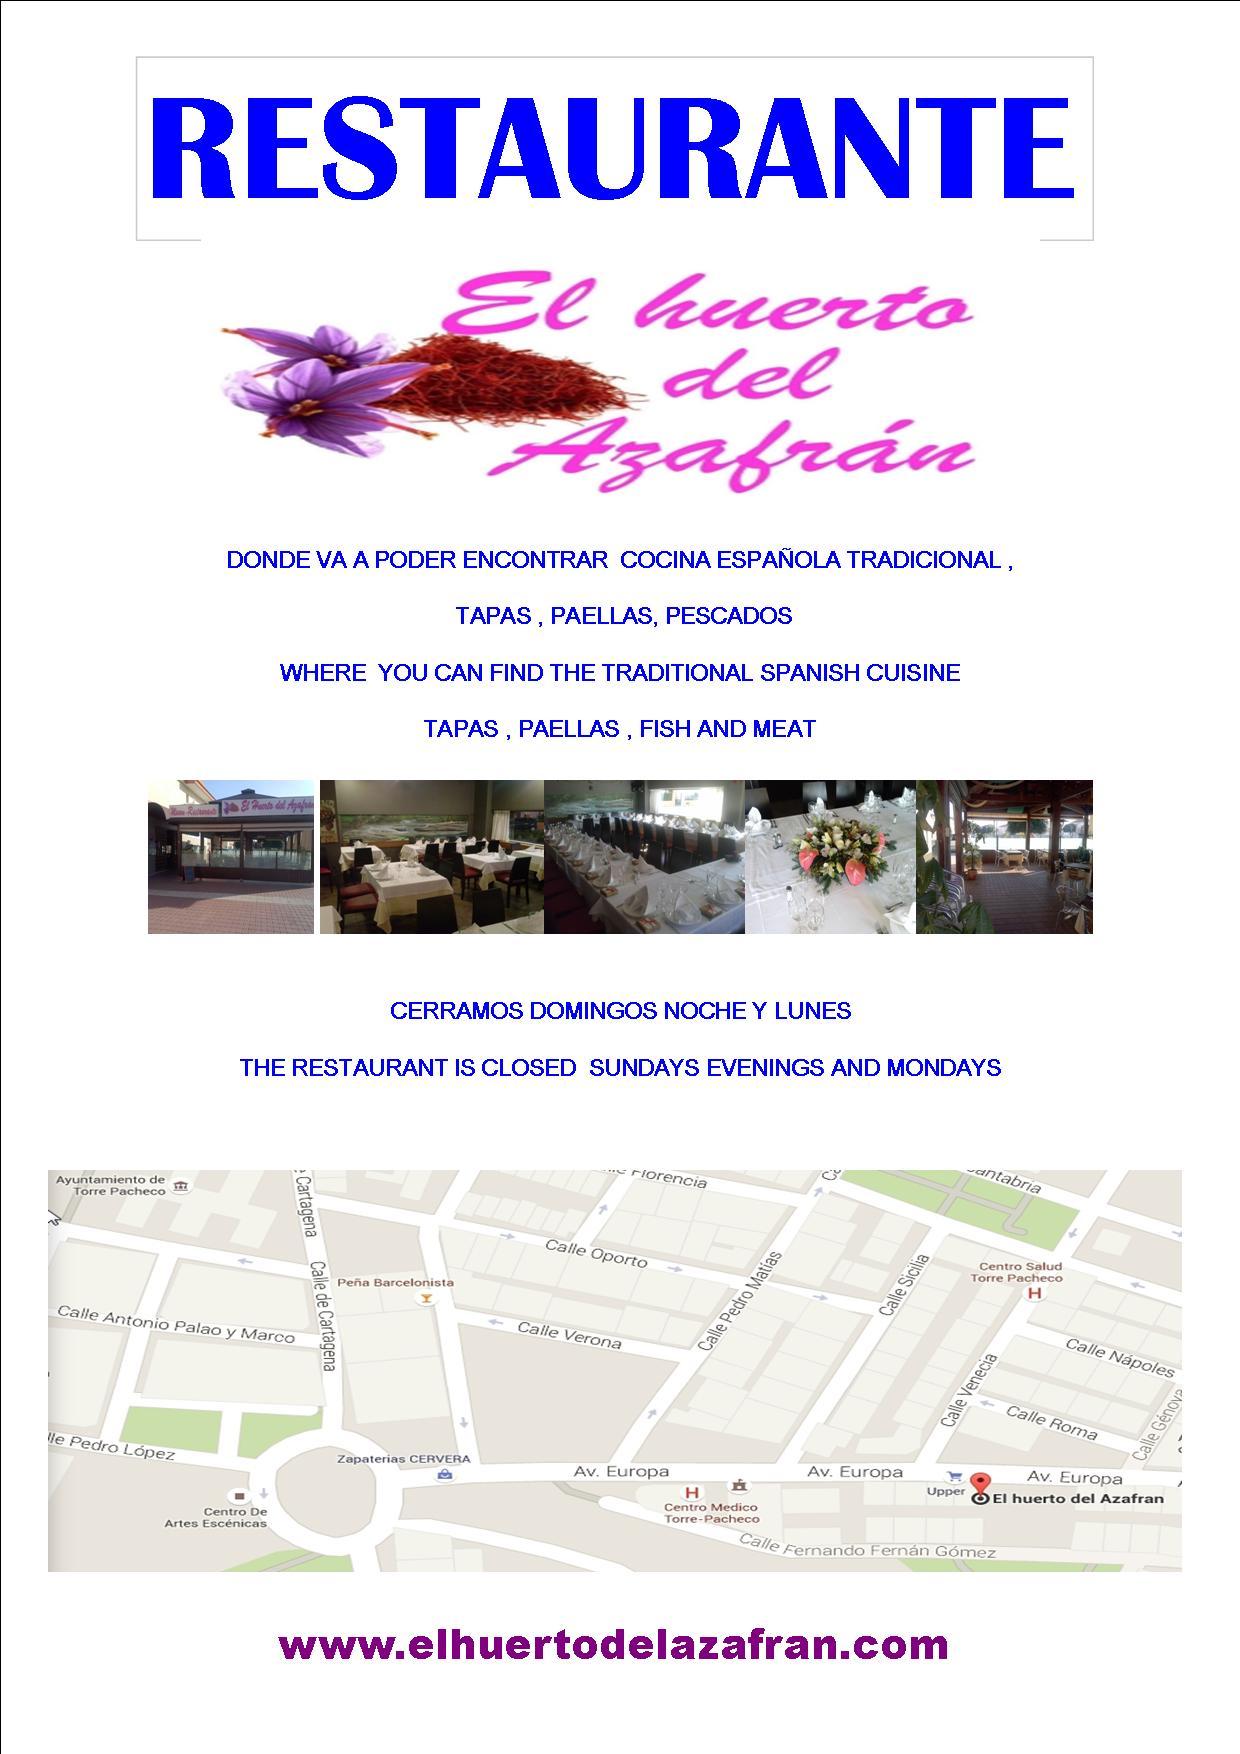 Resturant in Torre Pacheco - El Huerto del Azafran